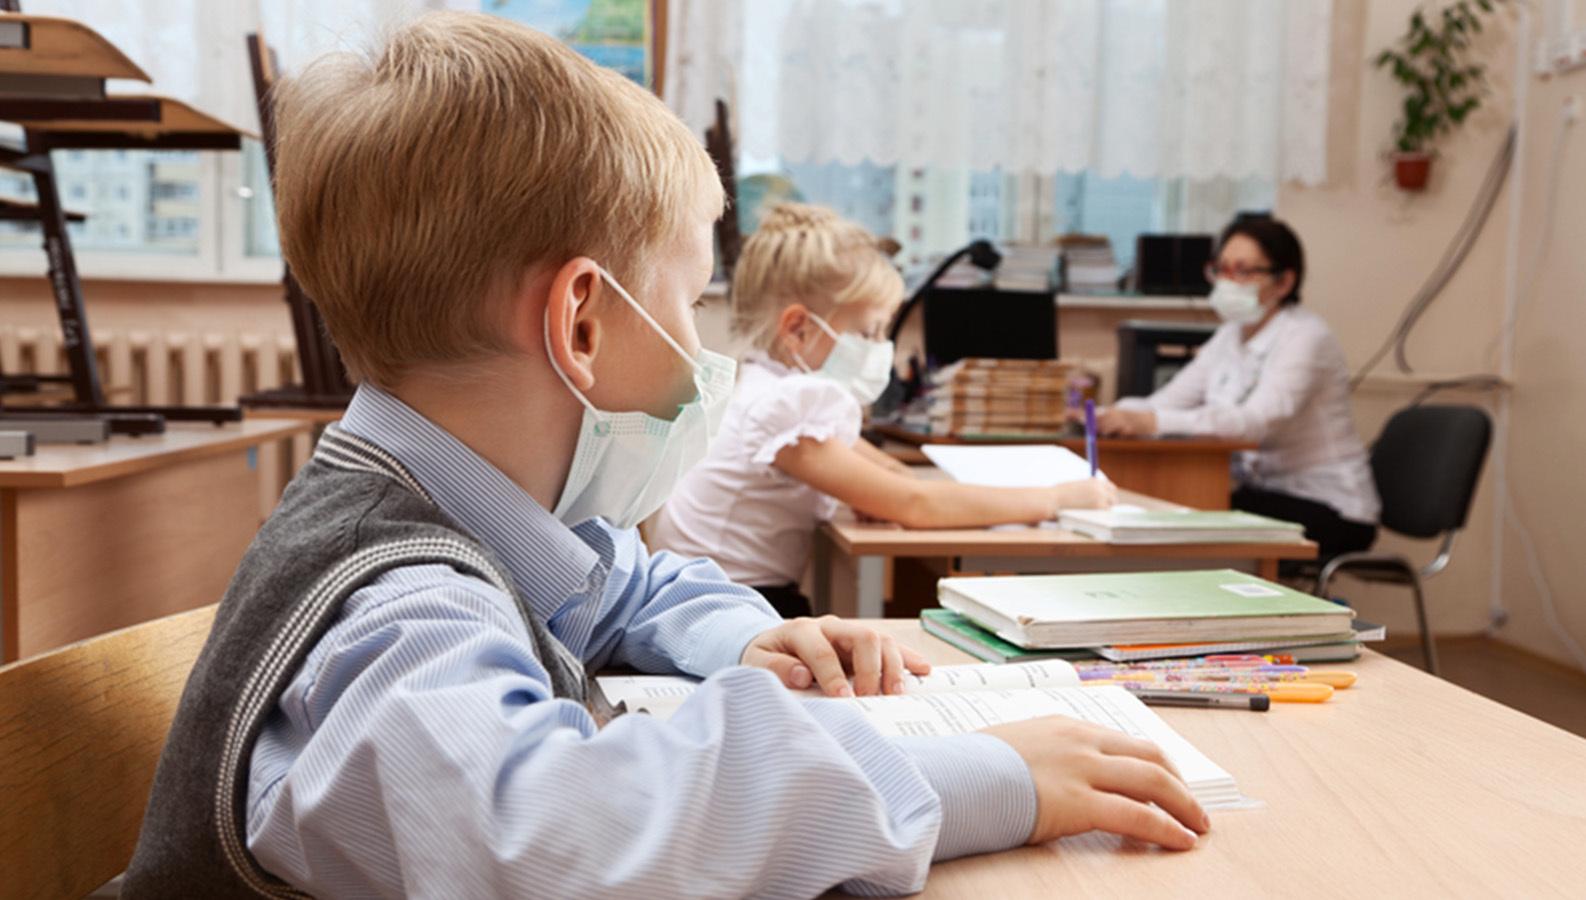 В российских школах появятся специалисты по медицине